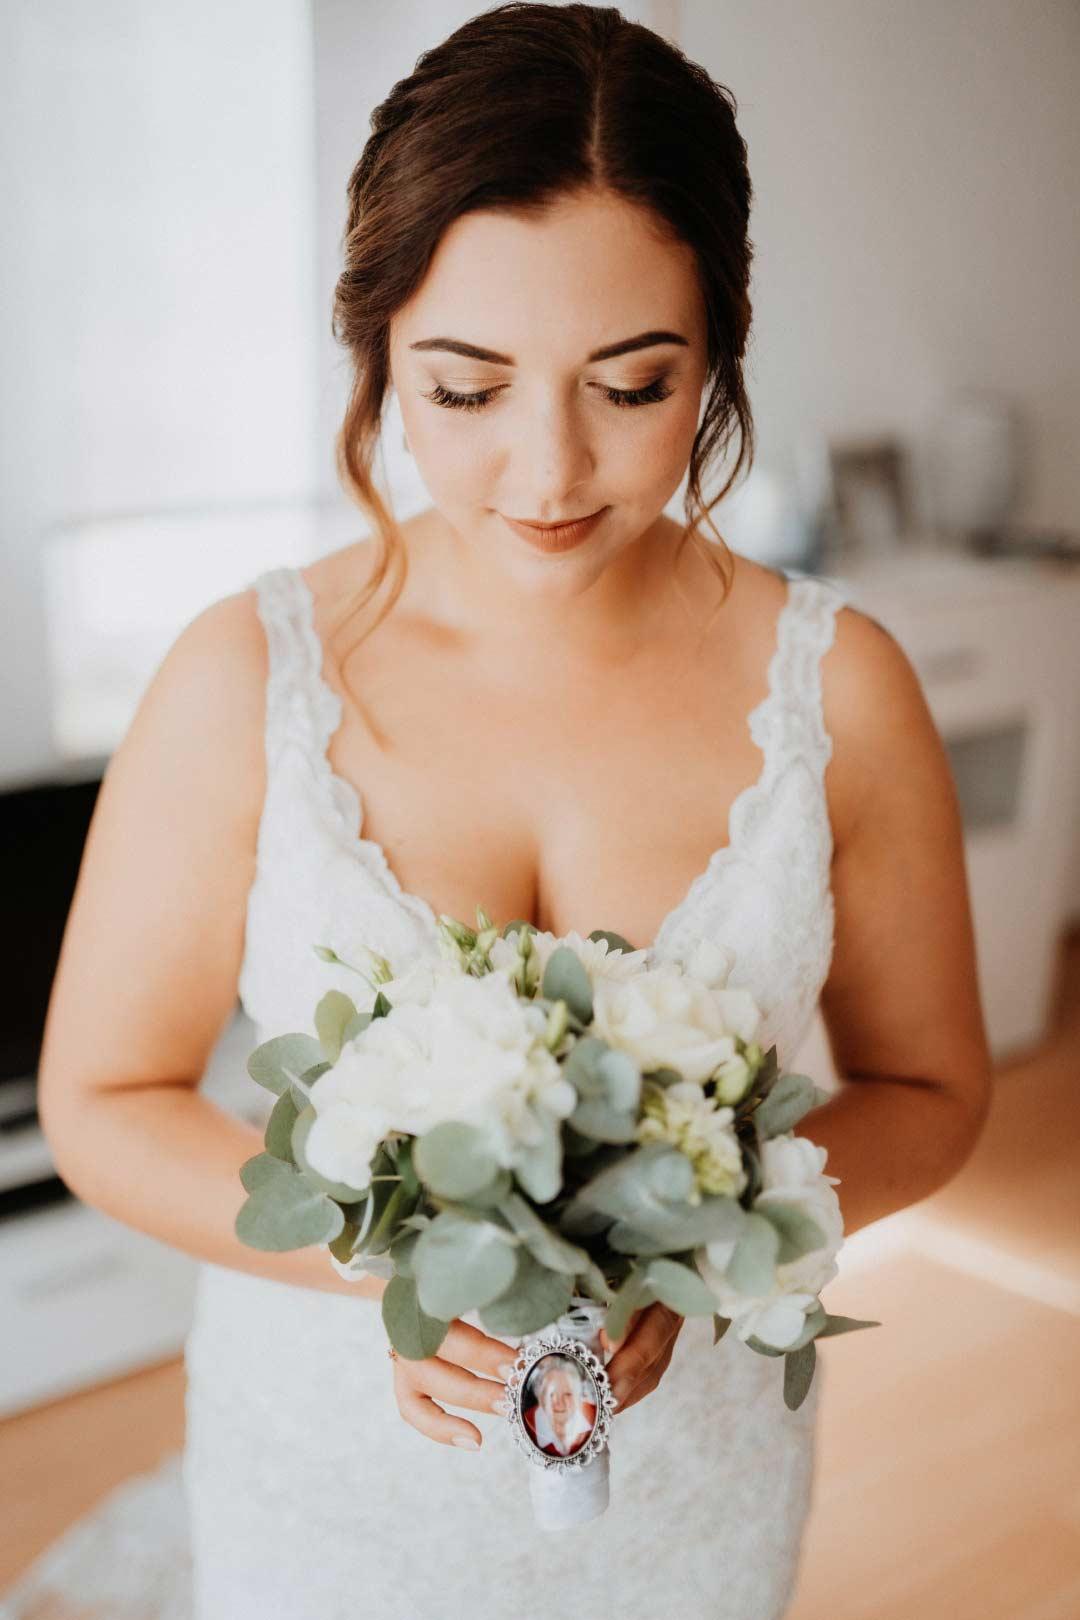 Brautstrauß im Greenery-Stil mit weißen Rosen